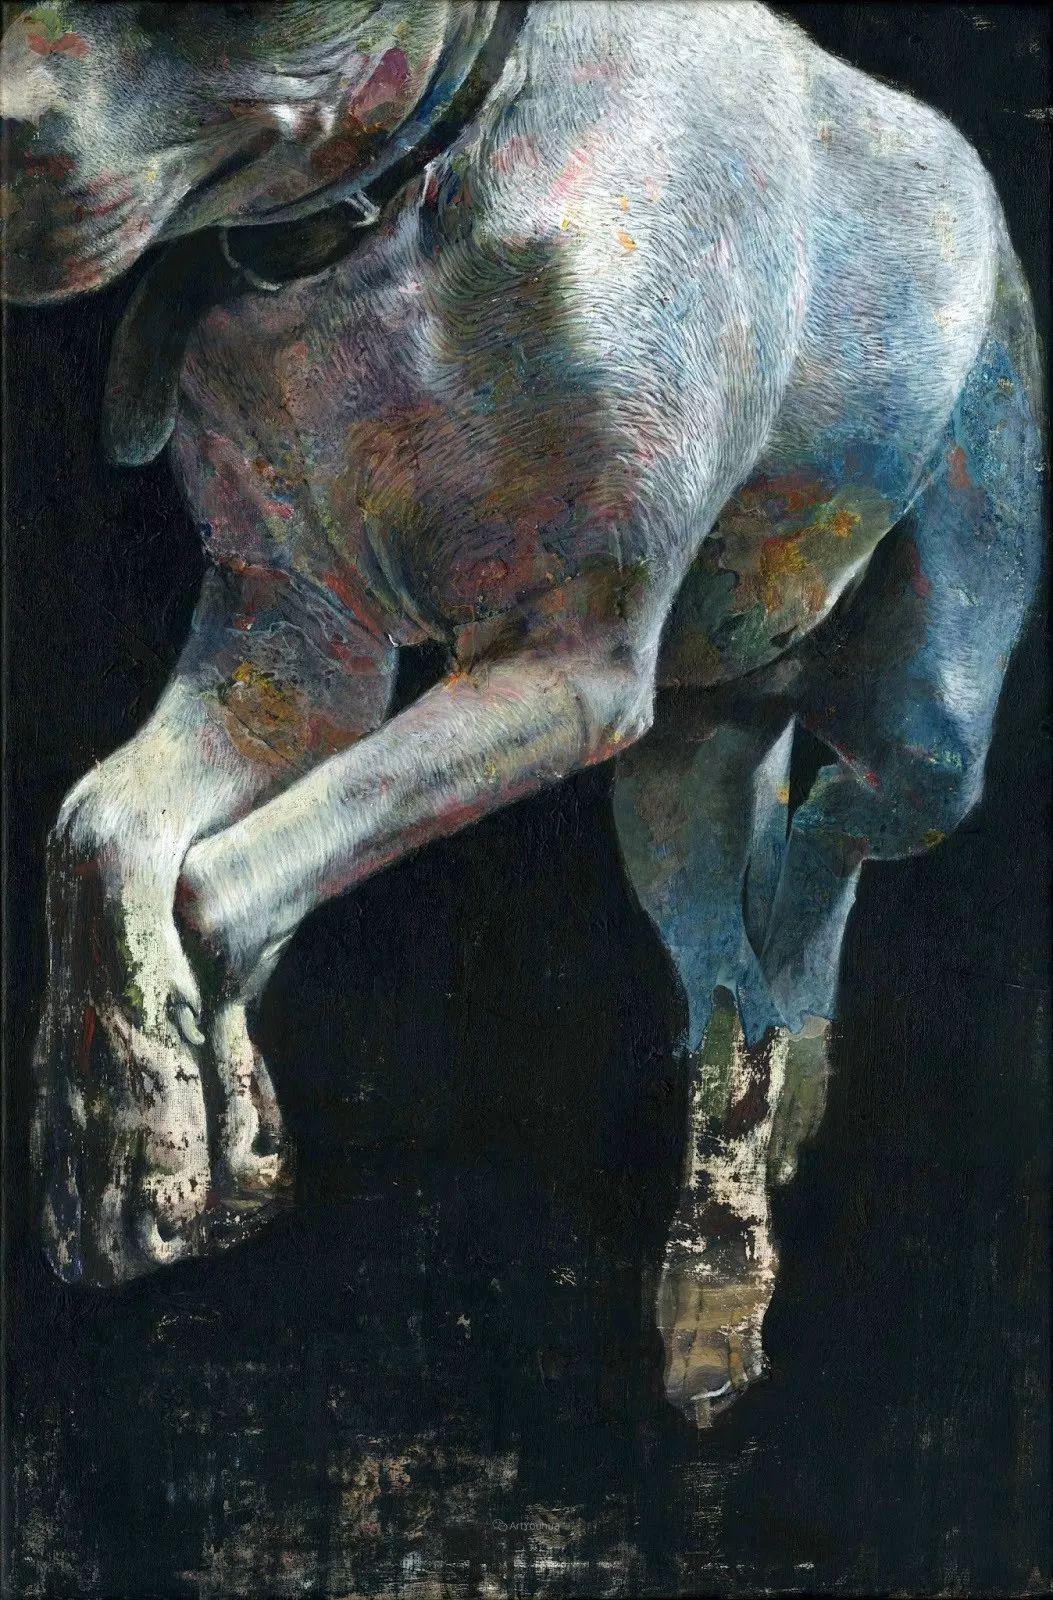 厚重笔触下的缤纷色彩,英国画家David Agenjo插图9